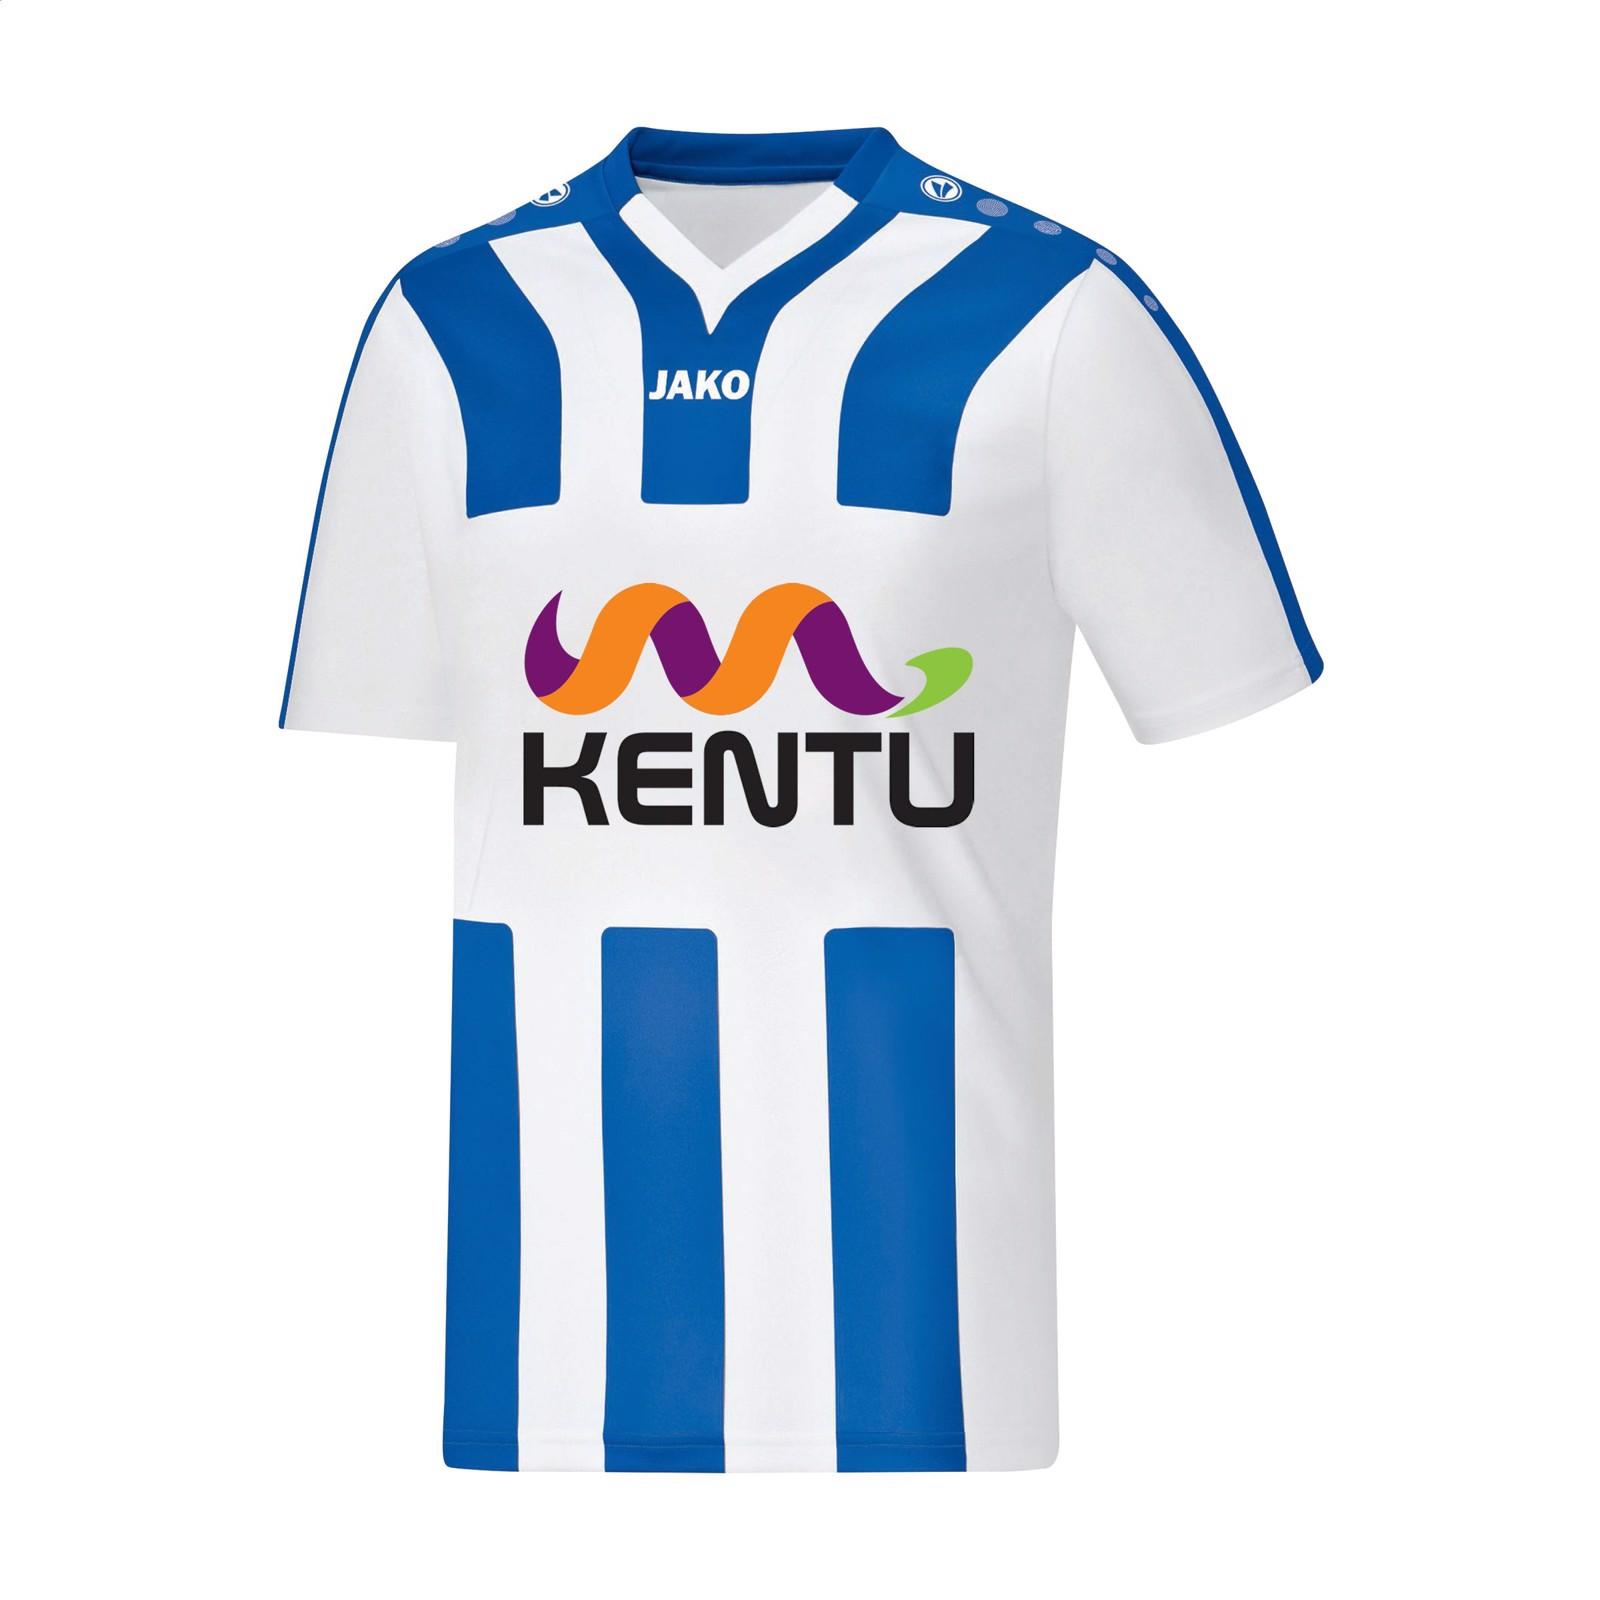 Jako® Shirt Santos KM mens sportshirt - White / Royal Blue / M